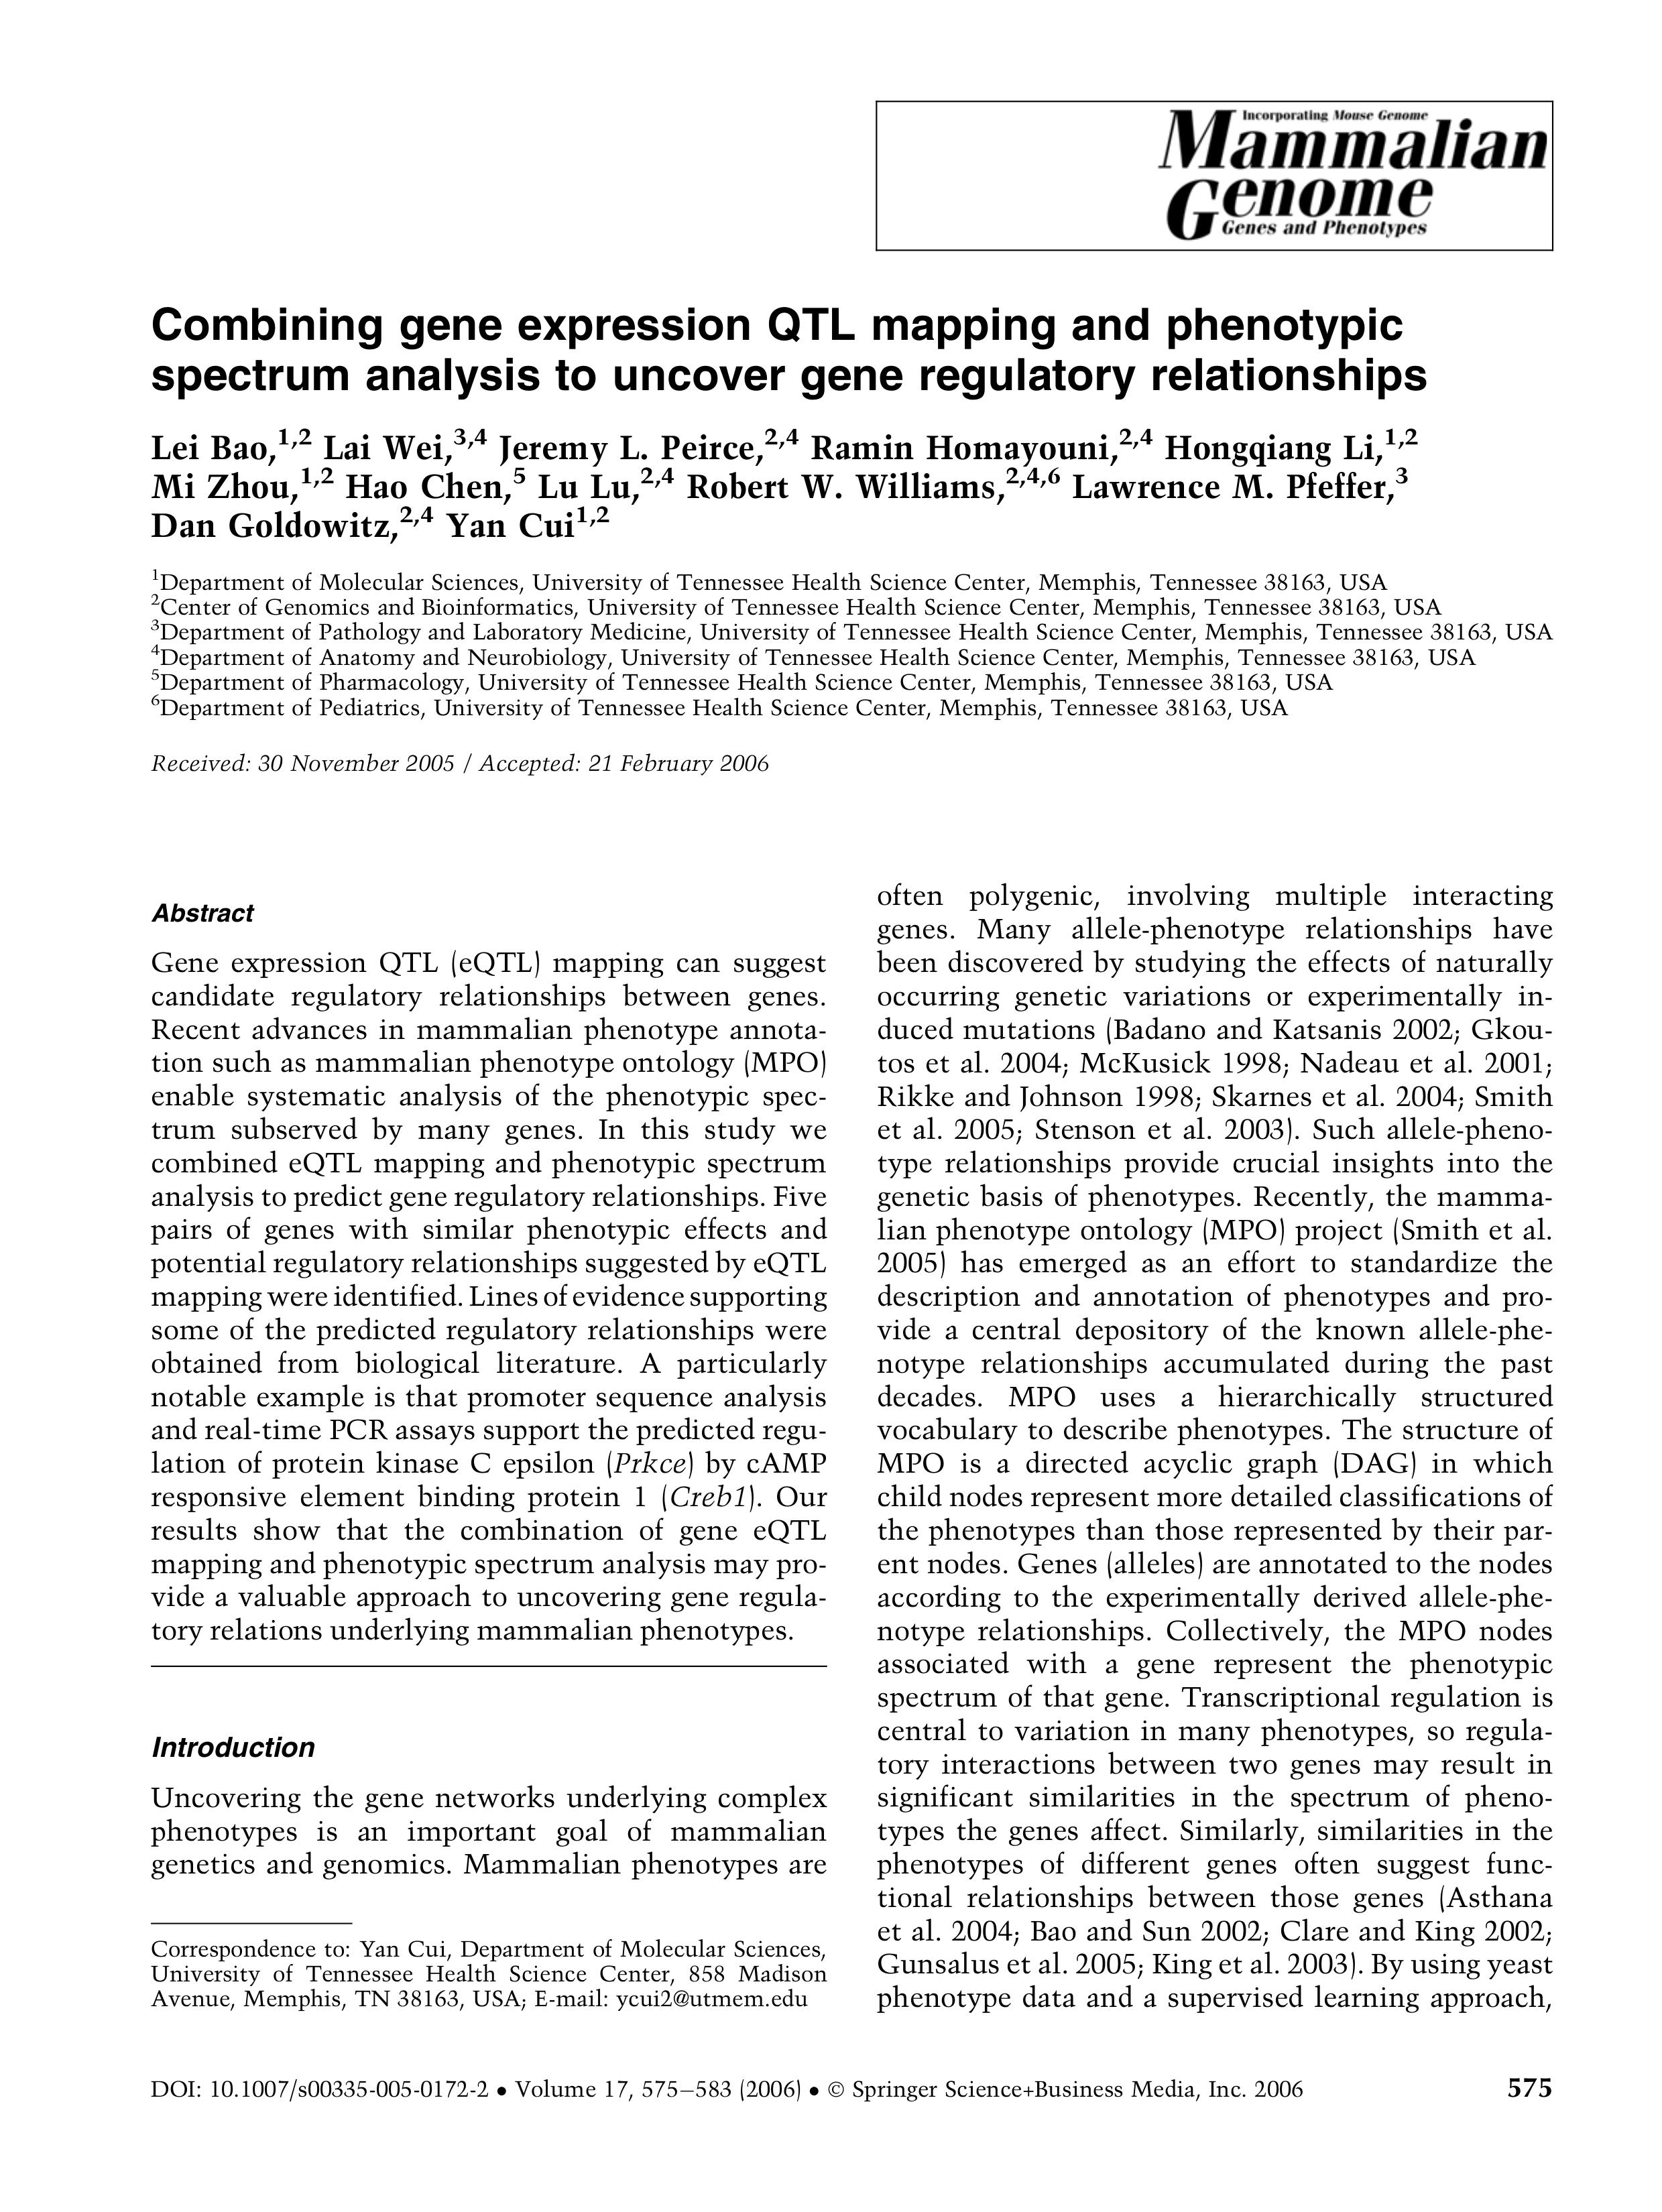 Bao et al. - 2006 - Mamm Genome.png